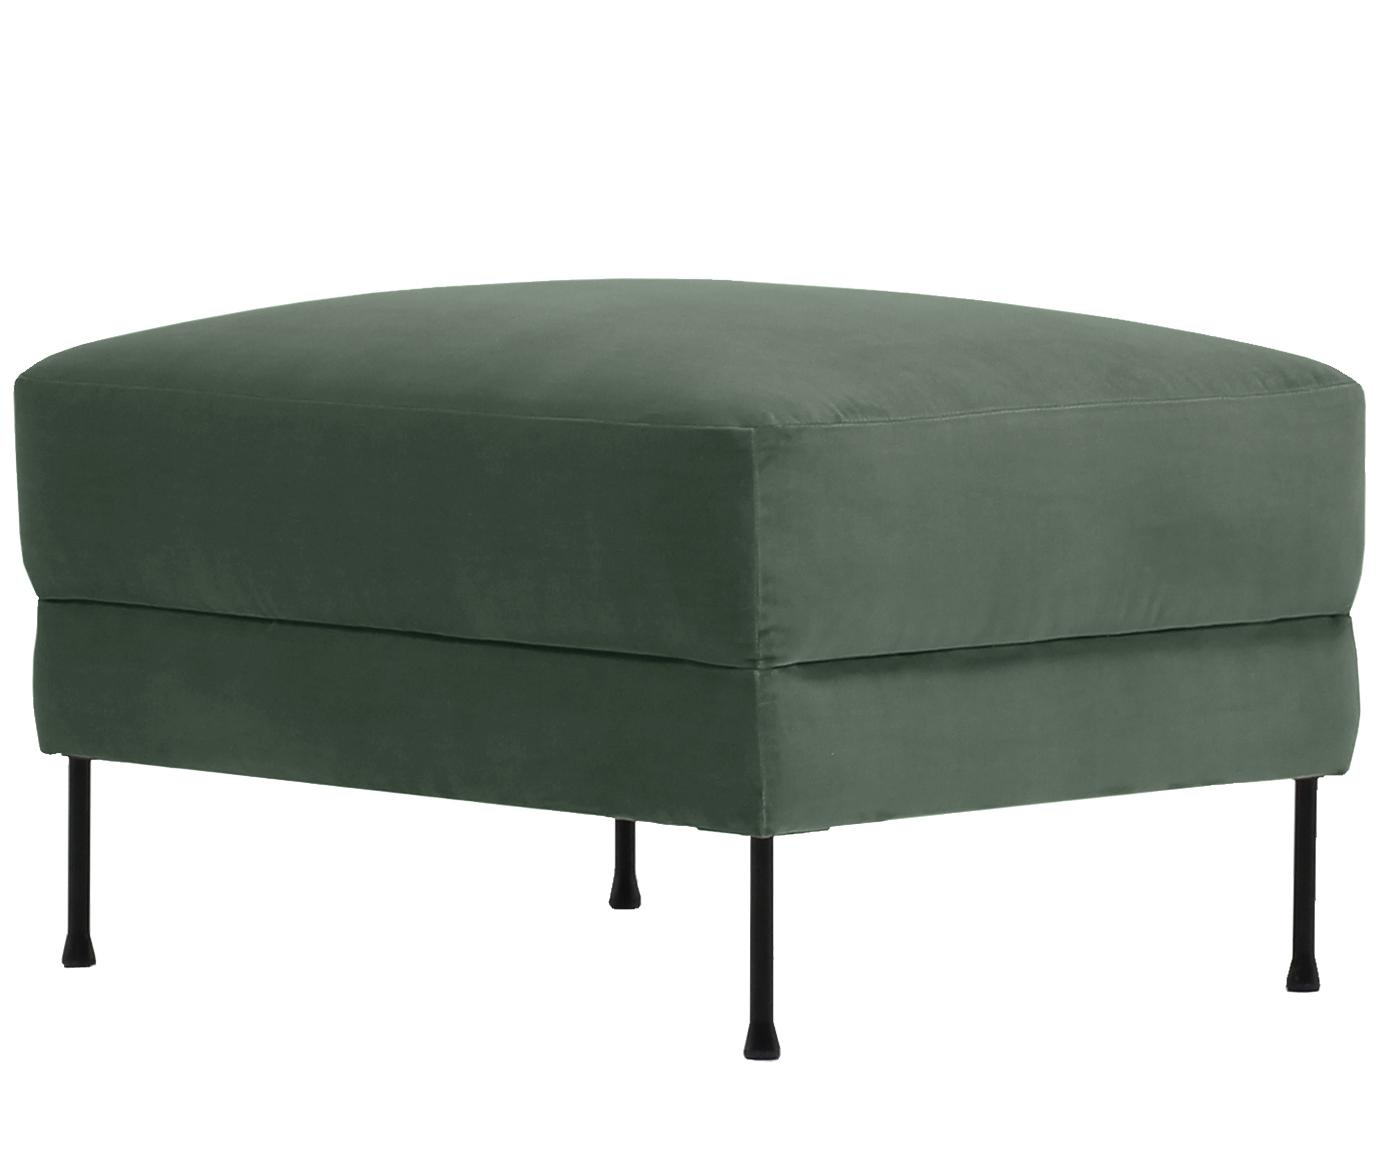 Sofa-Hocker Fluente aus Samt, Bezug: Samt (Hochwertiger Polyes, Gestell: Sperrholz, Spanplatte, Füße: Metall, pulverbeschichtet, Samt Grün, 62 x 46 cm